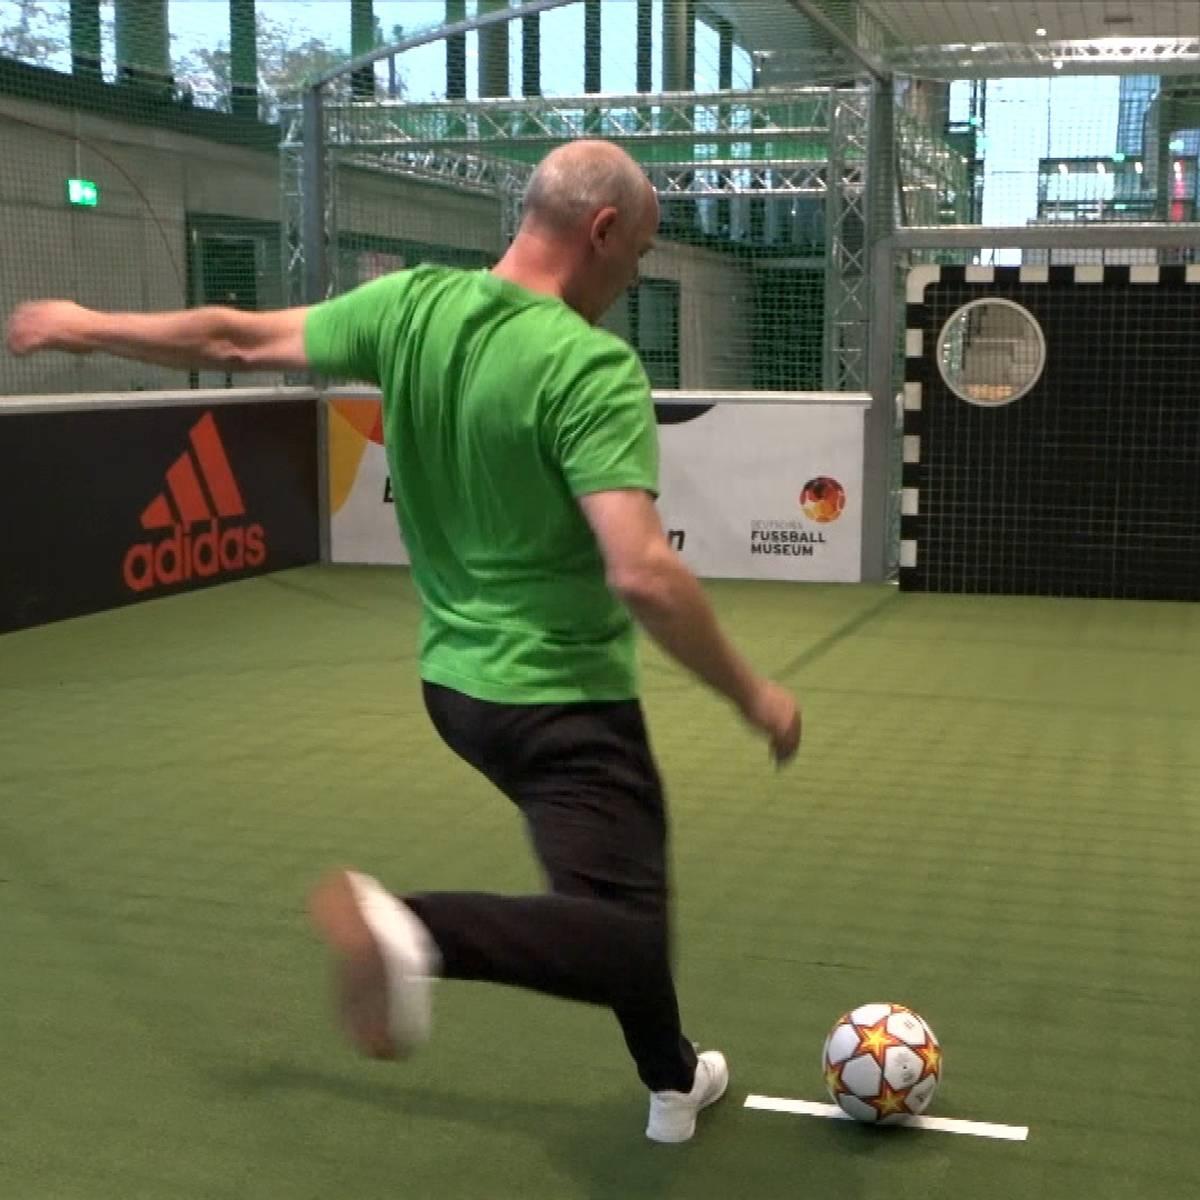 Torwandschießen mit Basler im Deutschen Fußballmuseum